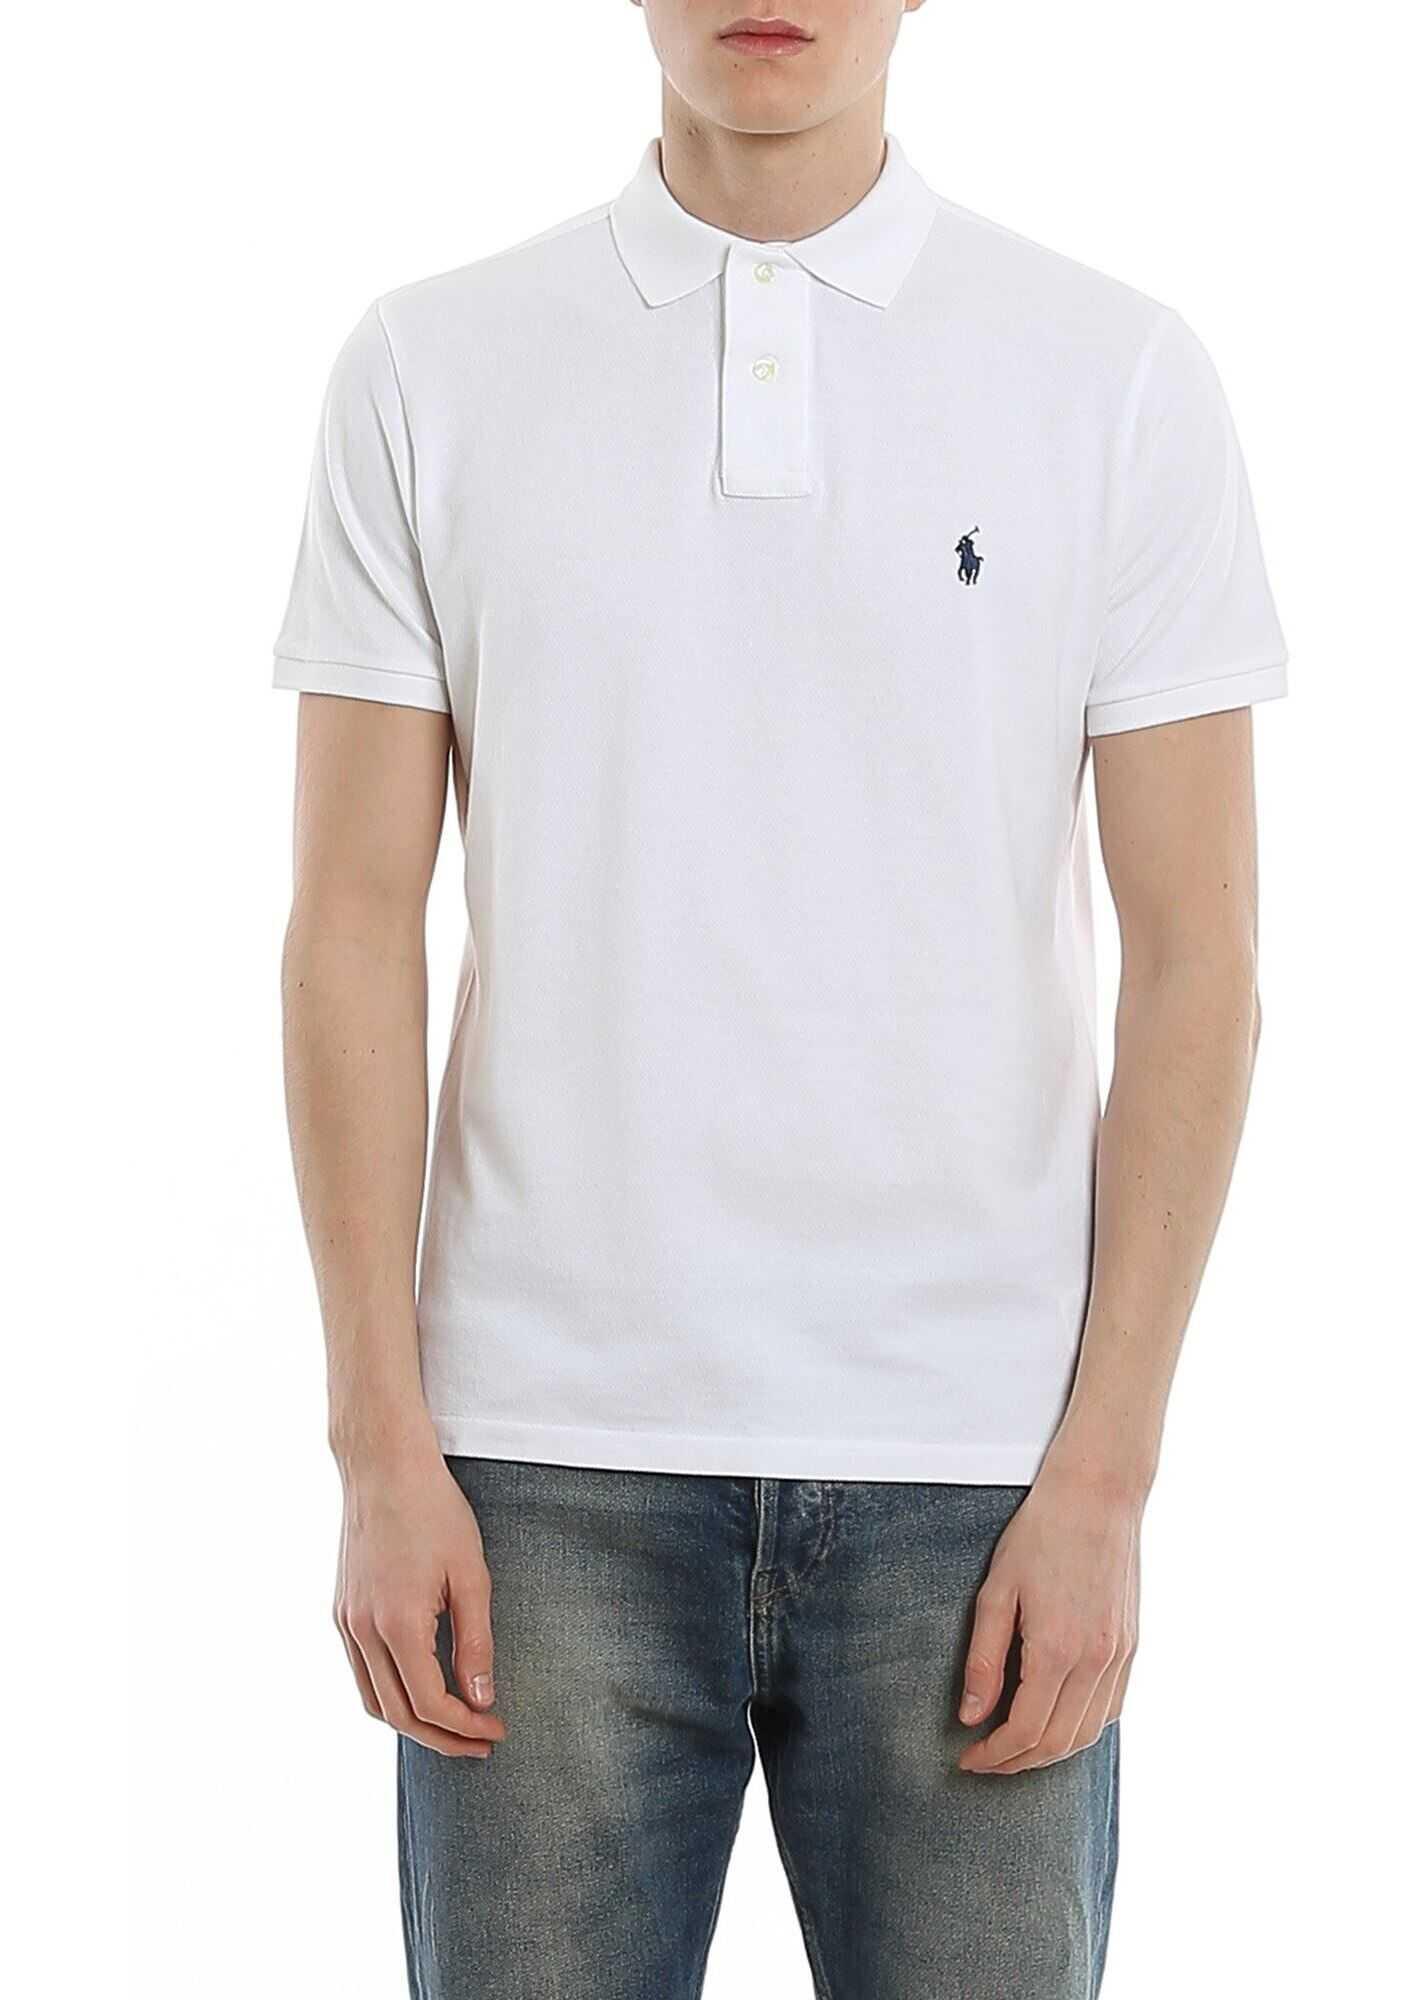 Ralph Lauren White Slim Polo Shirt White imagine